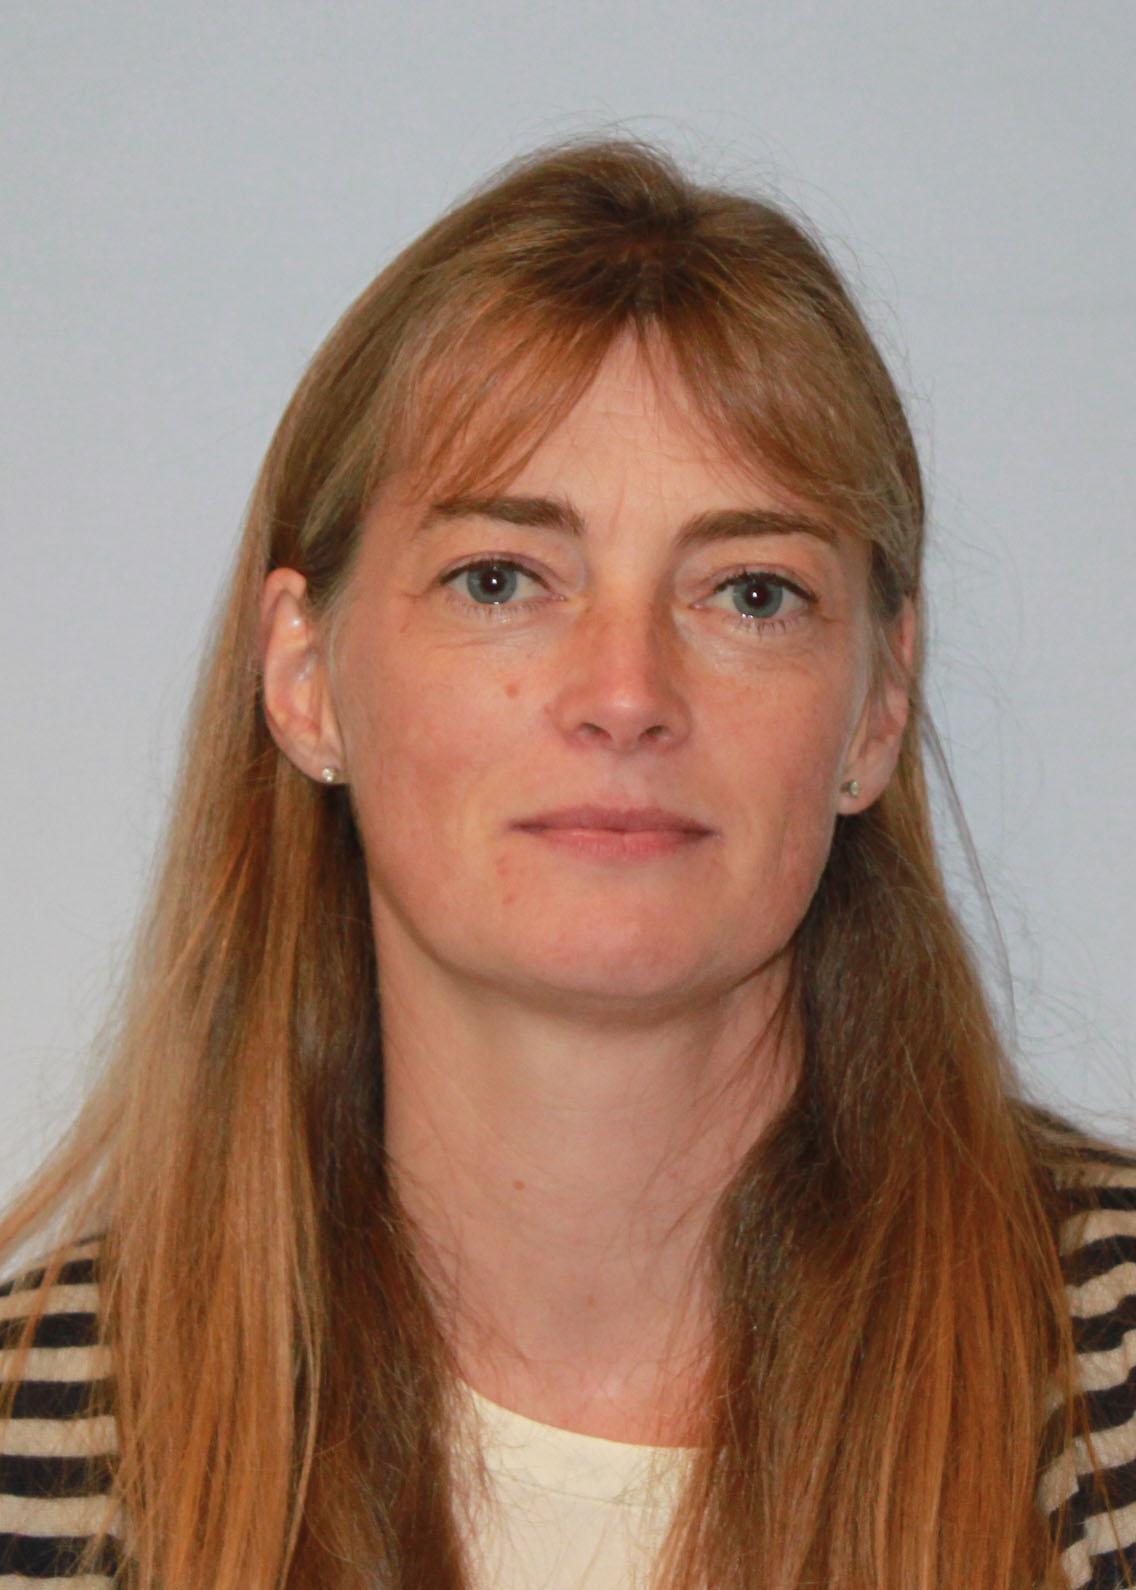 Trine Michelle Villumsen